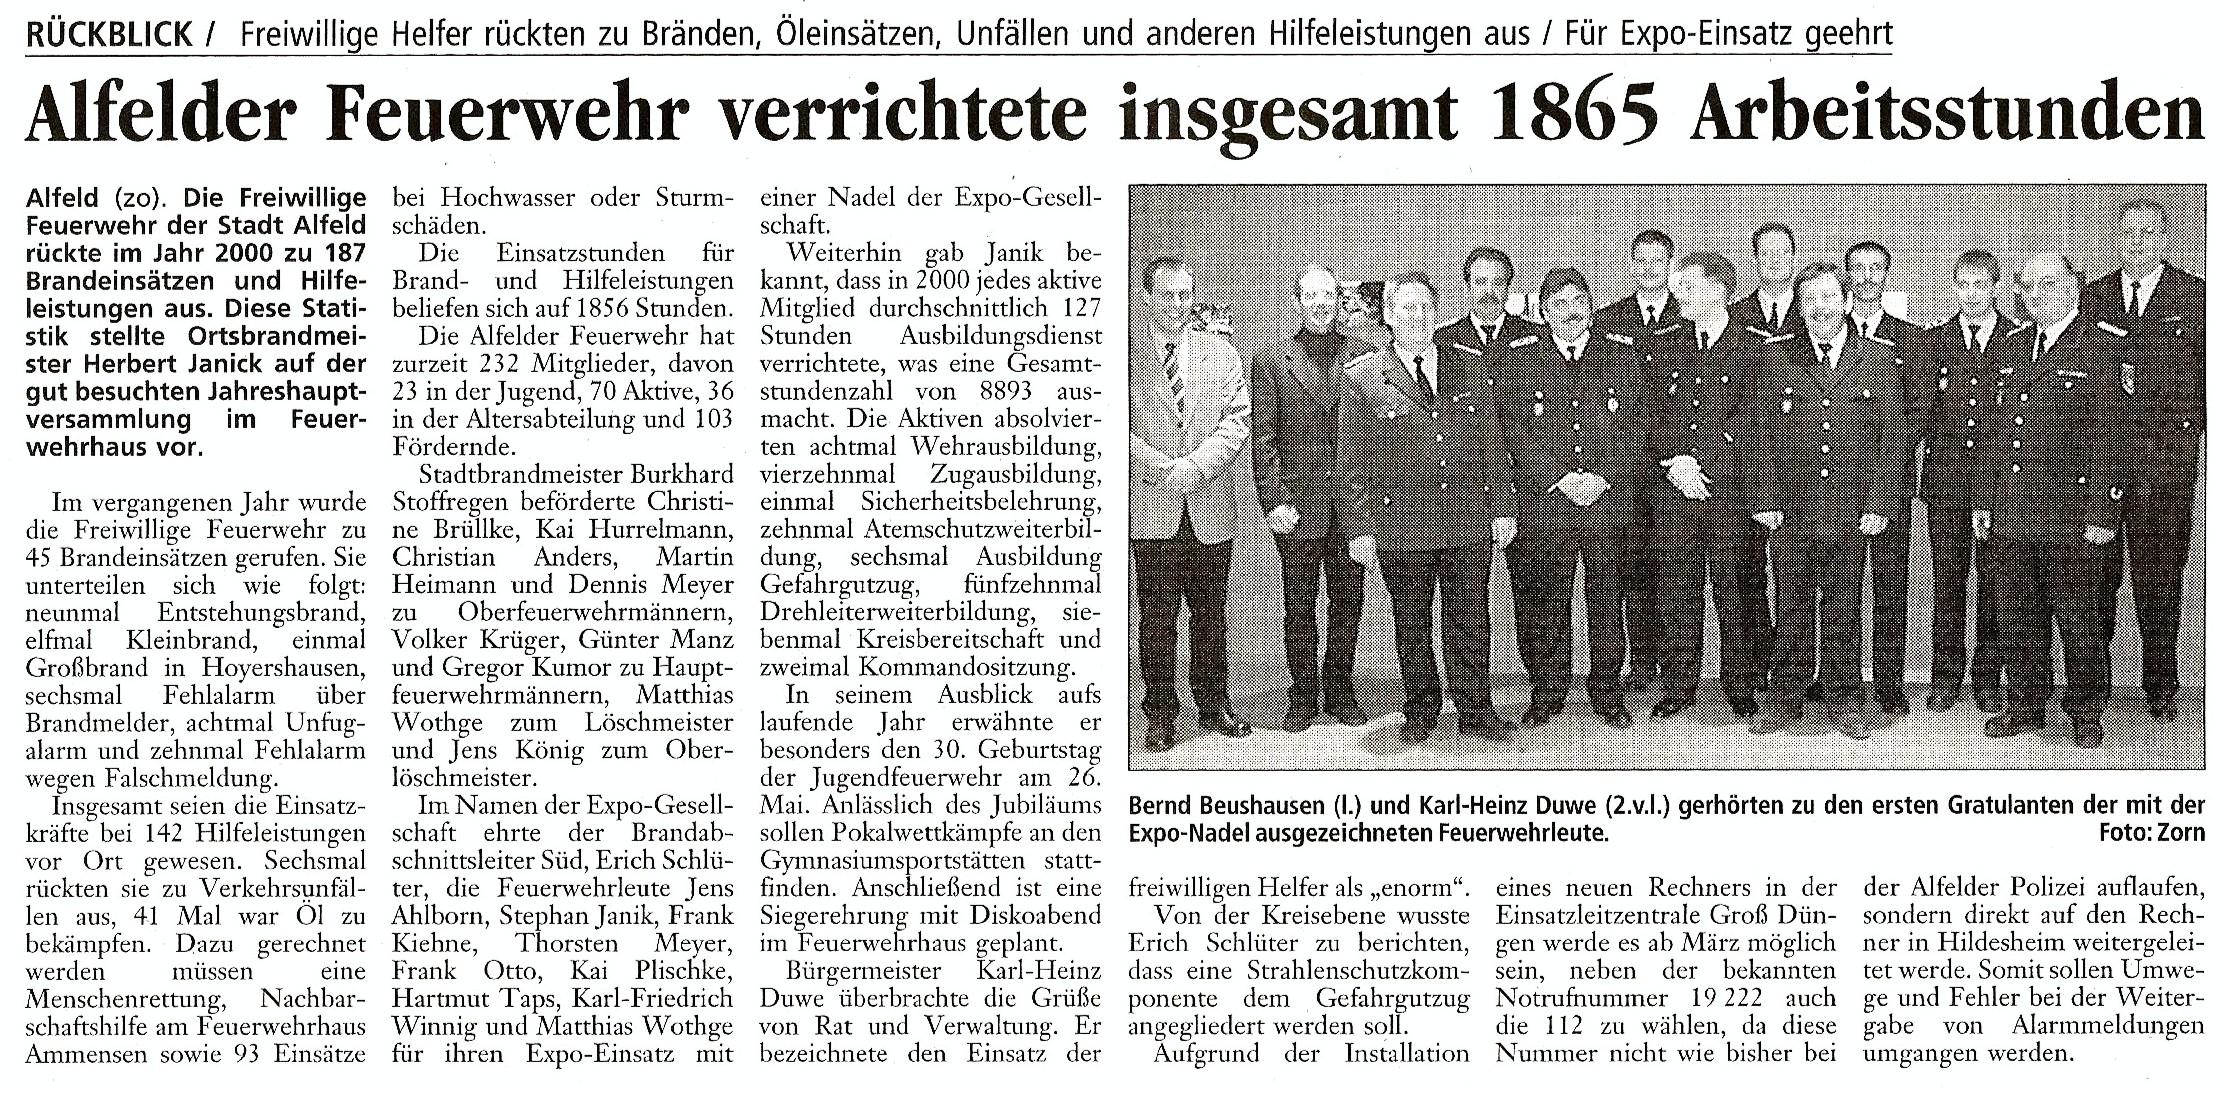 2001-02-02 Alfelder FF verrichtete 1865 Arbeitsstunden